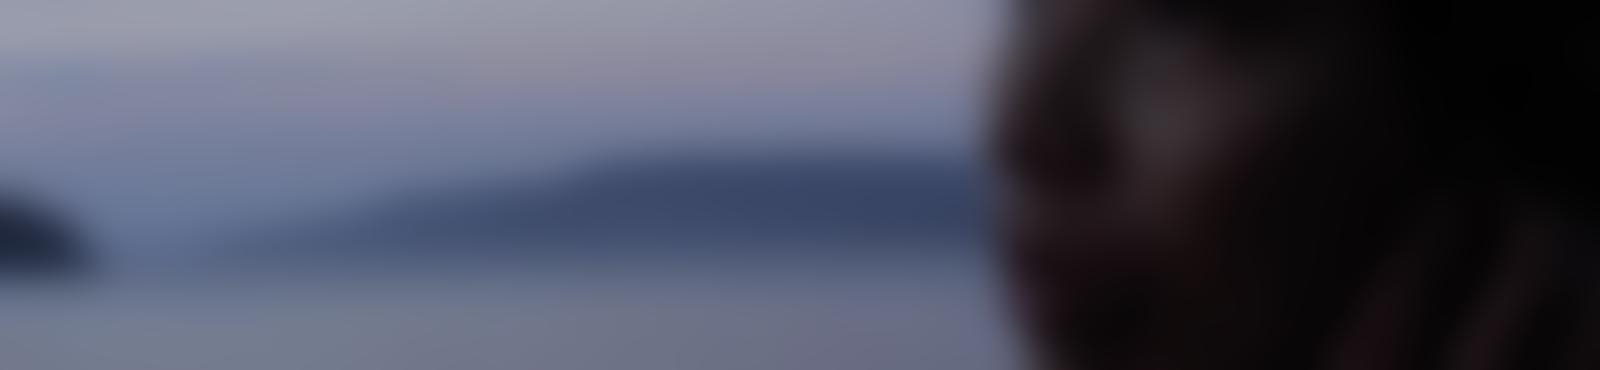 Blurred 92a7a634 f58a 4442 8c7f 7c53430c0a57